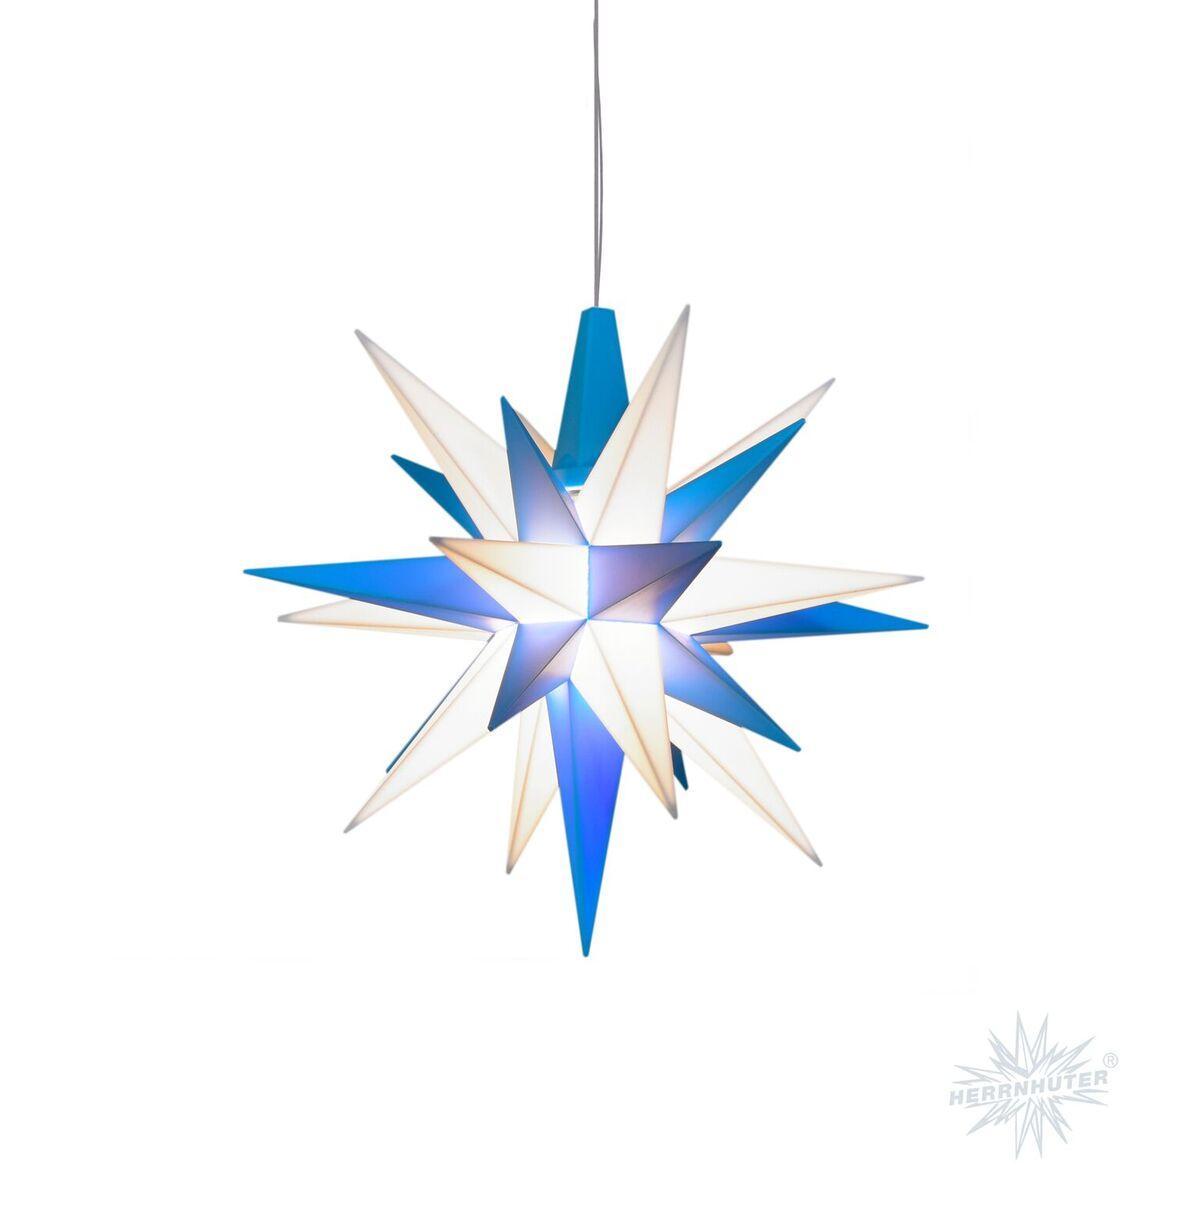 Herrnhuter Stern 13 cm blau-weiß Dekostern, Weihnachtsstern ...